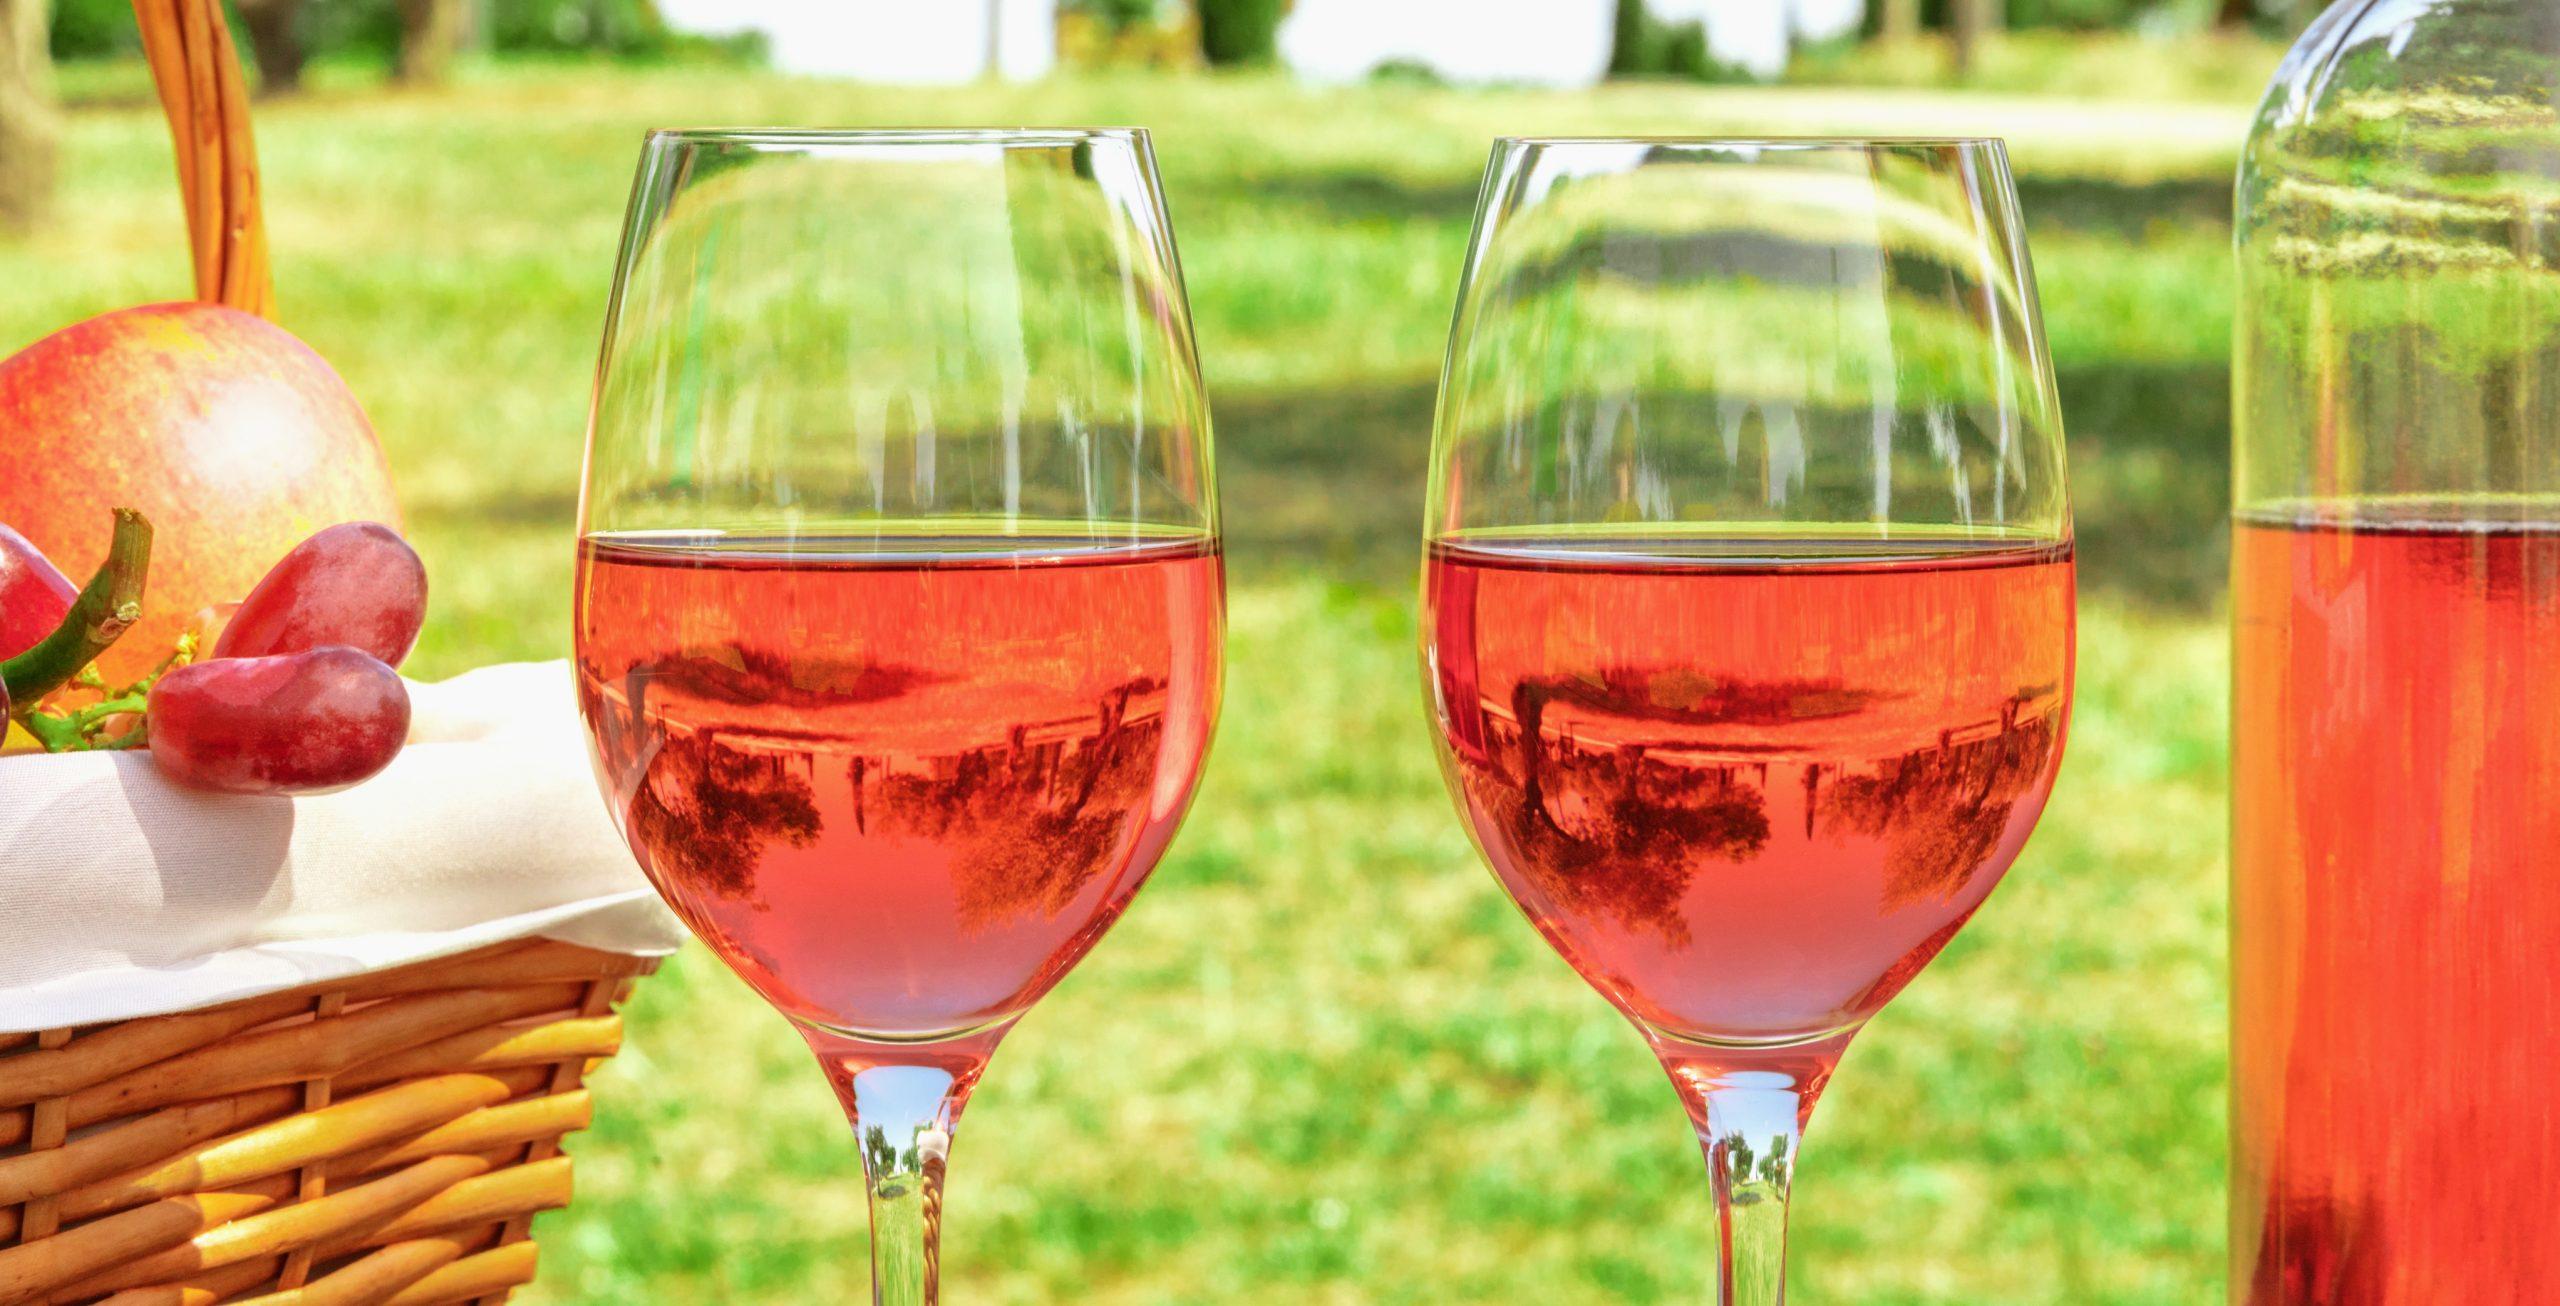 Miglior vino rosè 2020: Guida all'acquisto